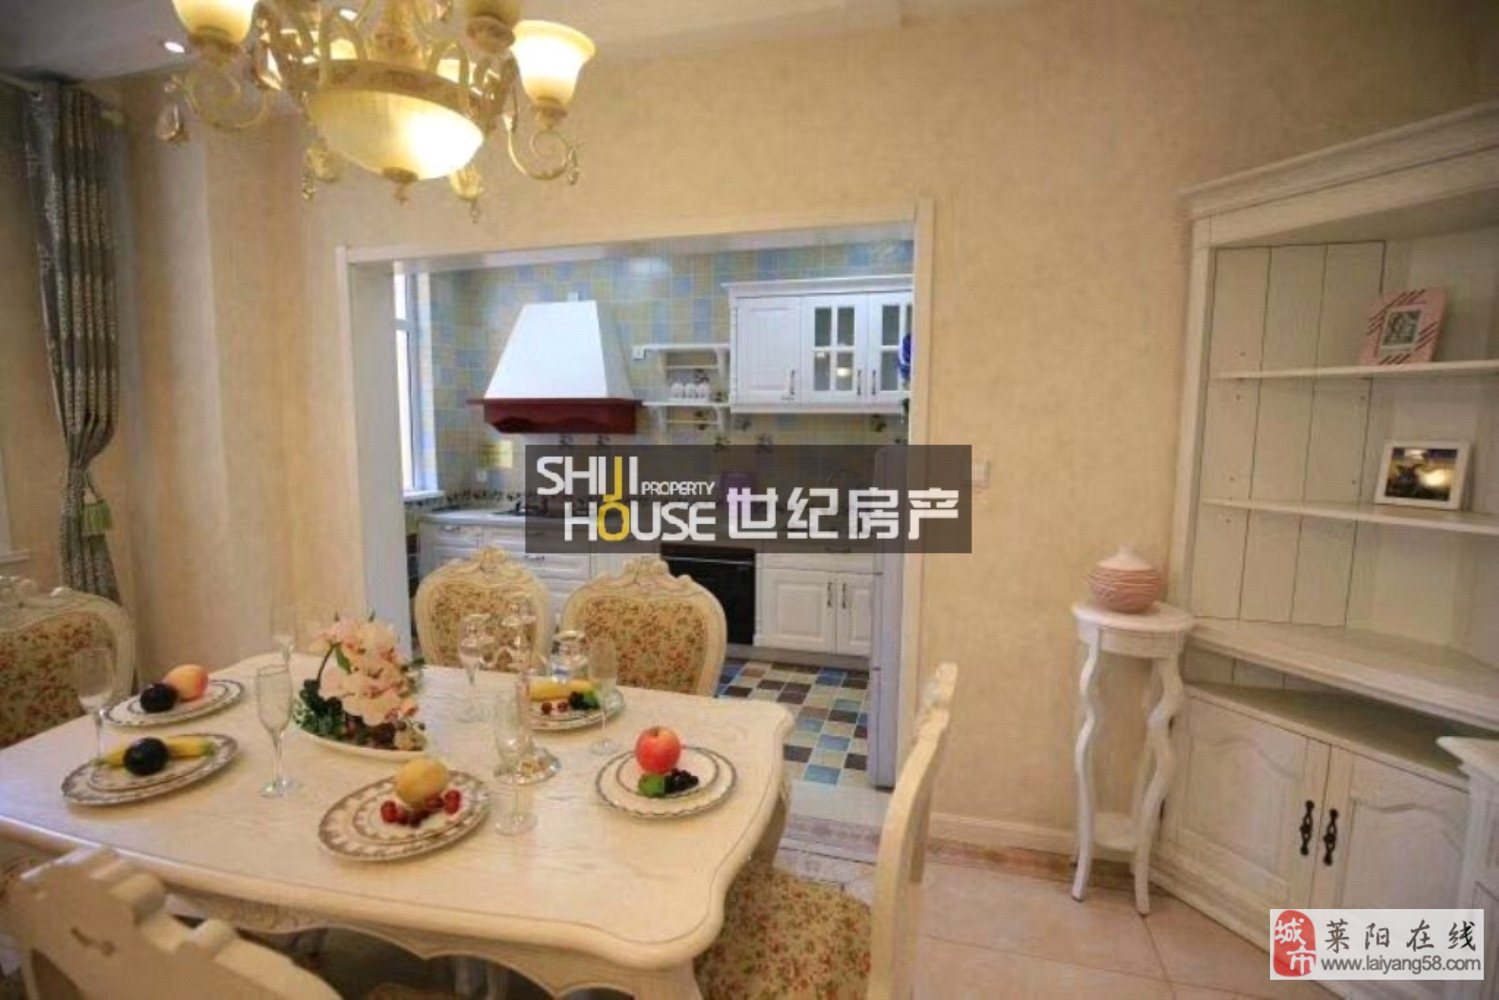 环境优美居住花语墅别墅4室2厅3卫128万元